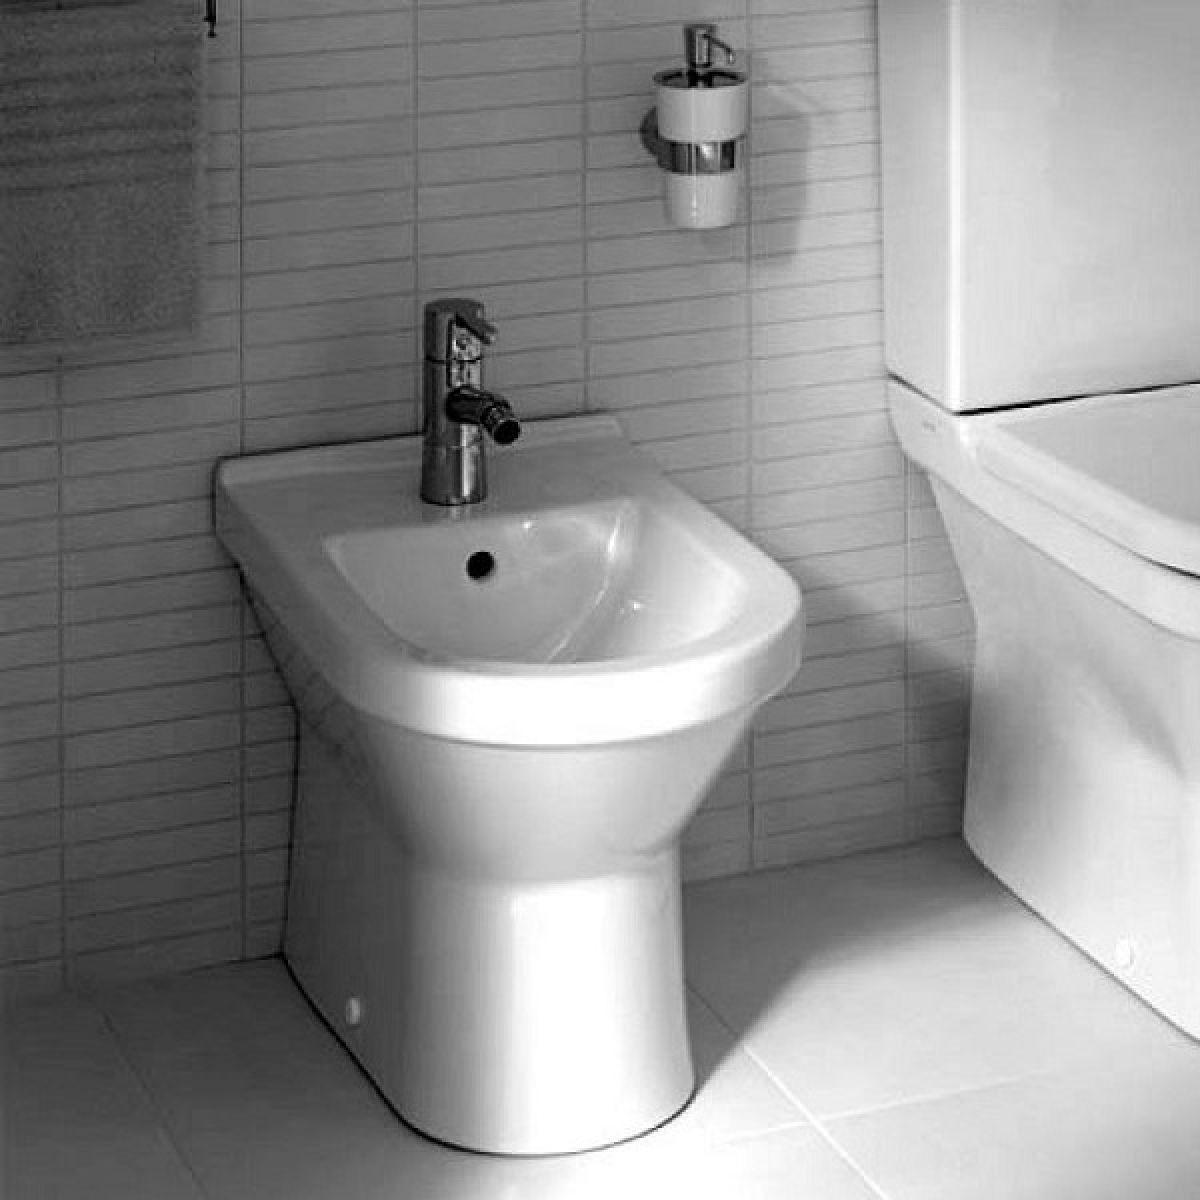 VitrA S50 Back to Wall Bathroom Bidet : UK Bathrooms